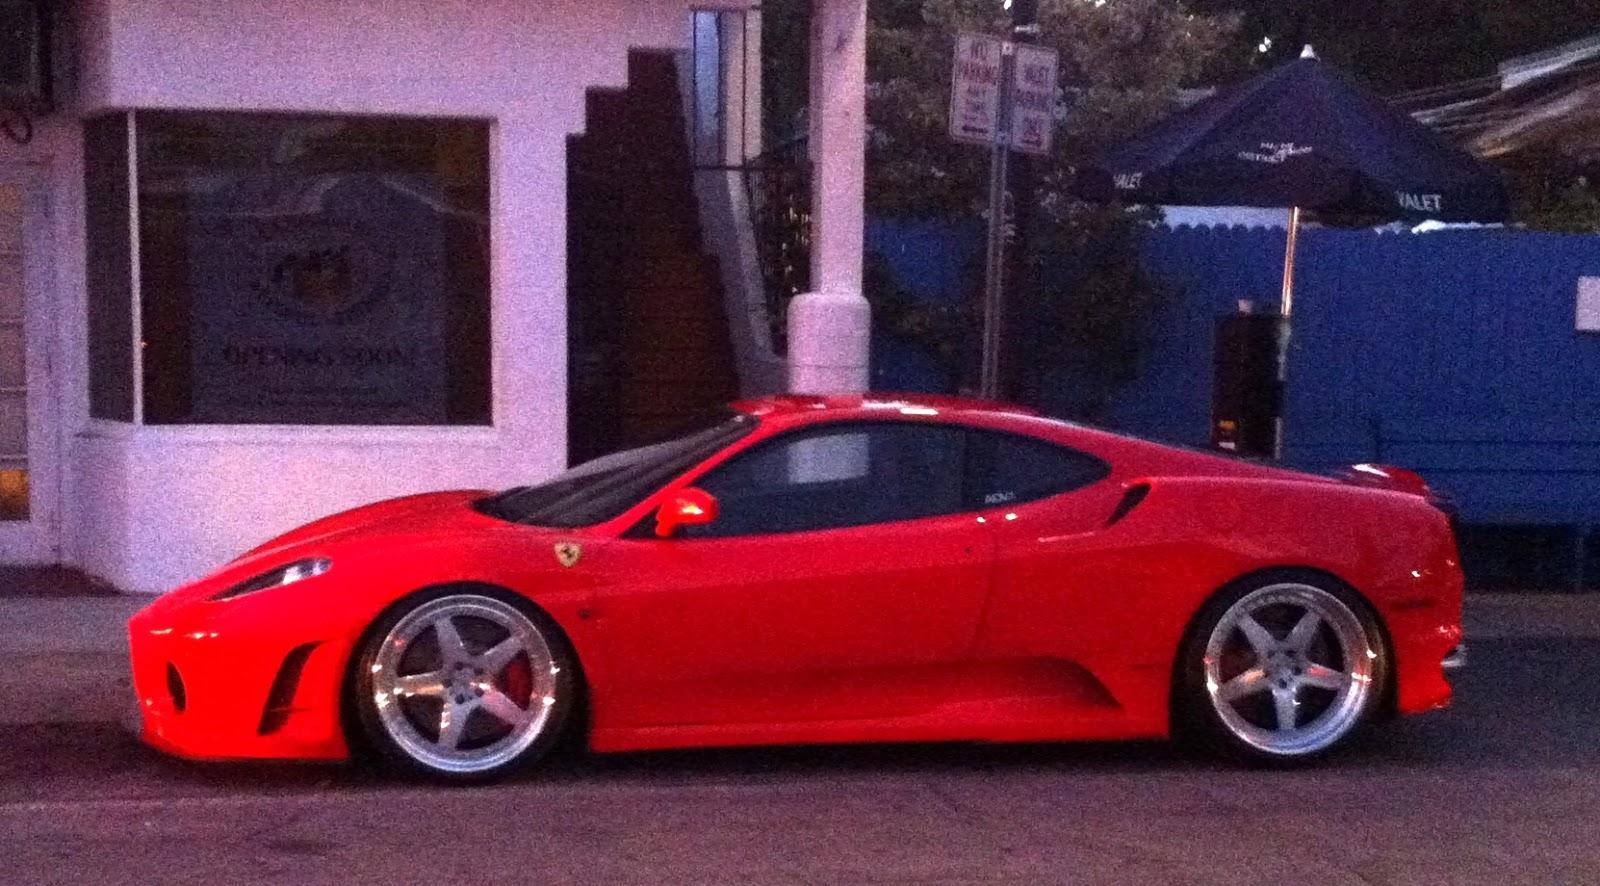 Red Ferrari F430 With Custom Rims